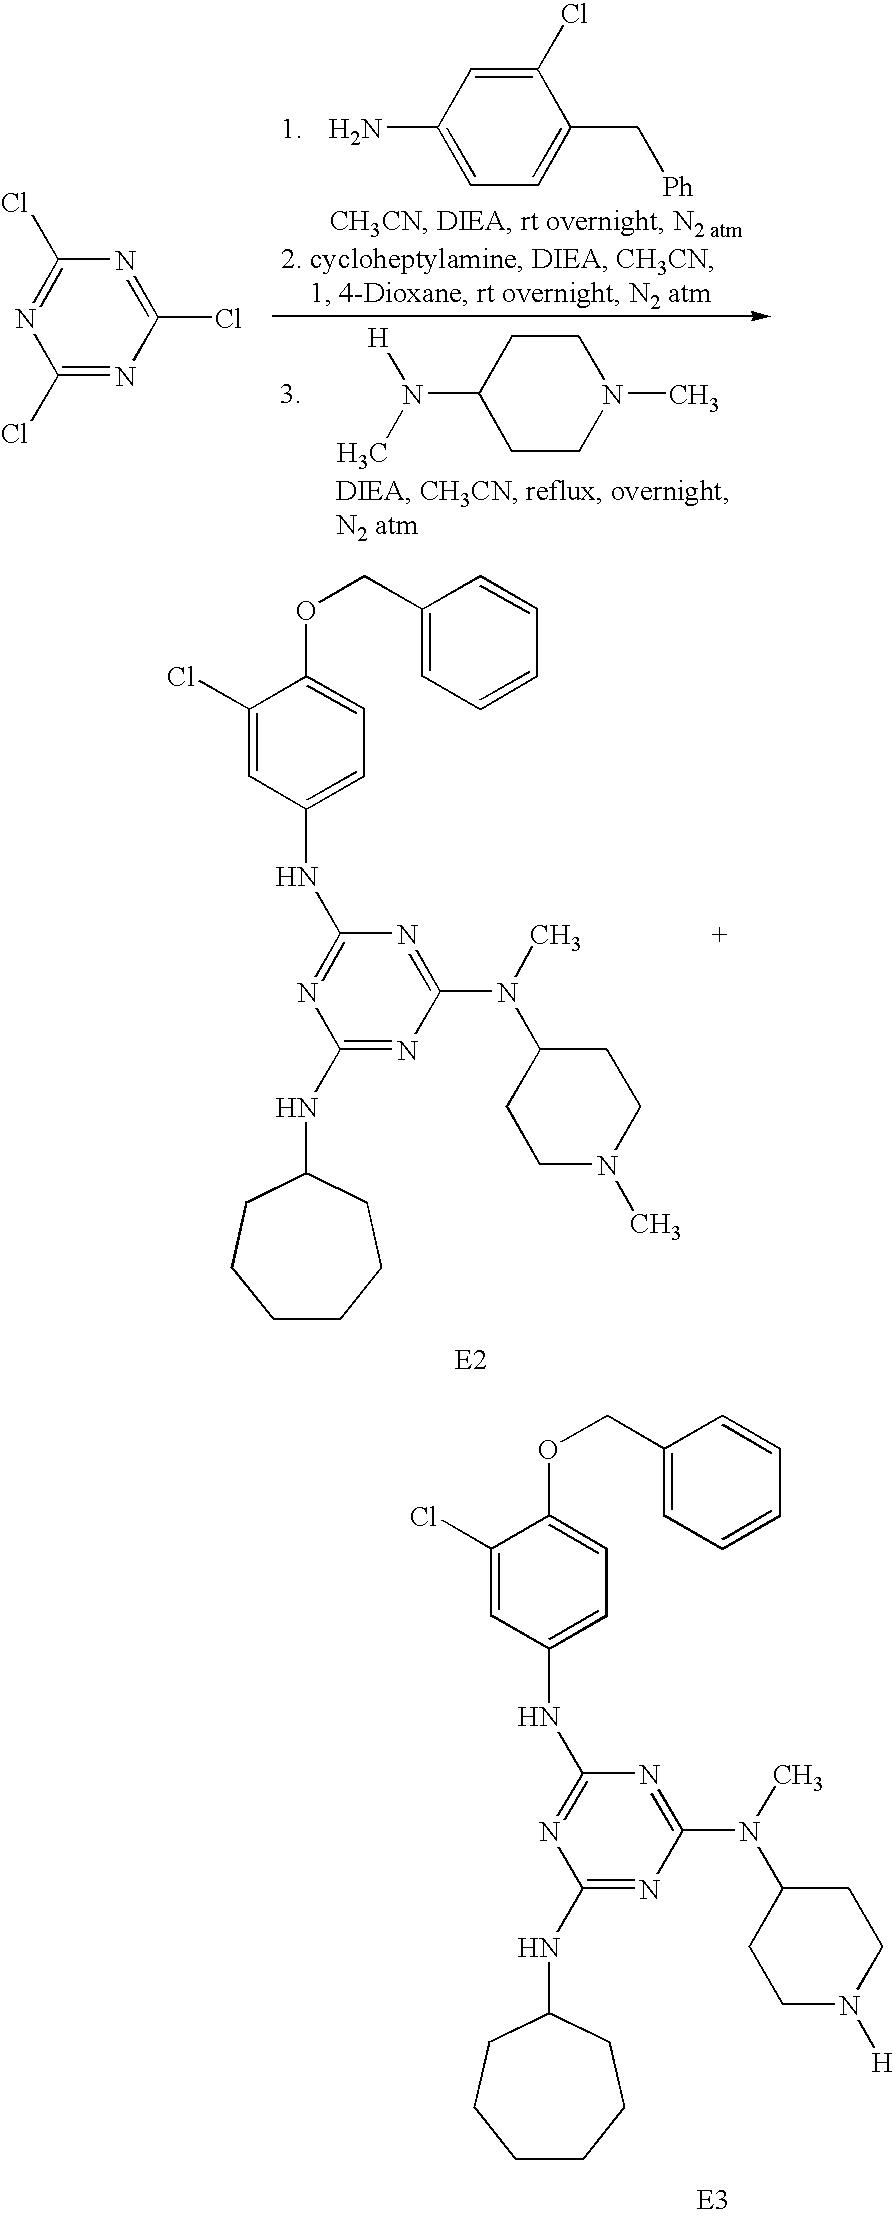 Figure US20050113341A1-20050526-C00197